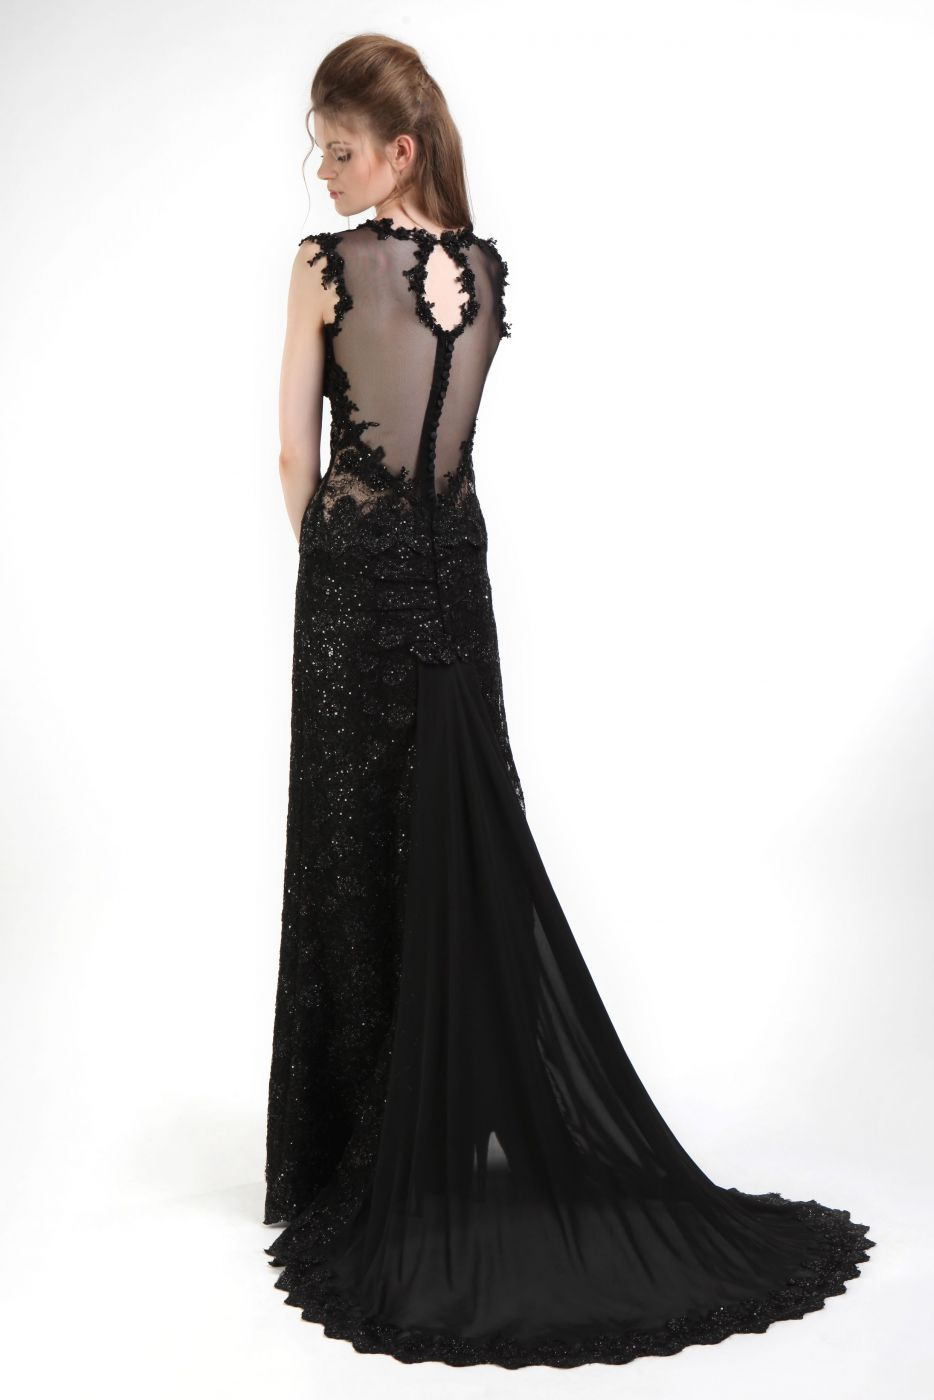 Abend Schön Langes Schwarzes Abendkleid für 2019Abend Spektakulär Langes Schwarzes Abendkleid Spezialgebiet